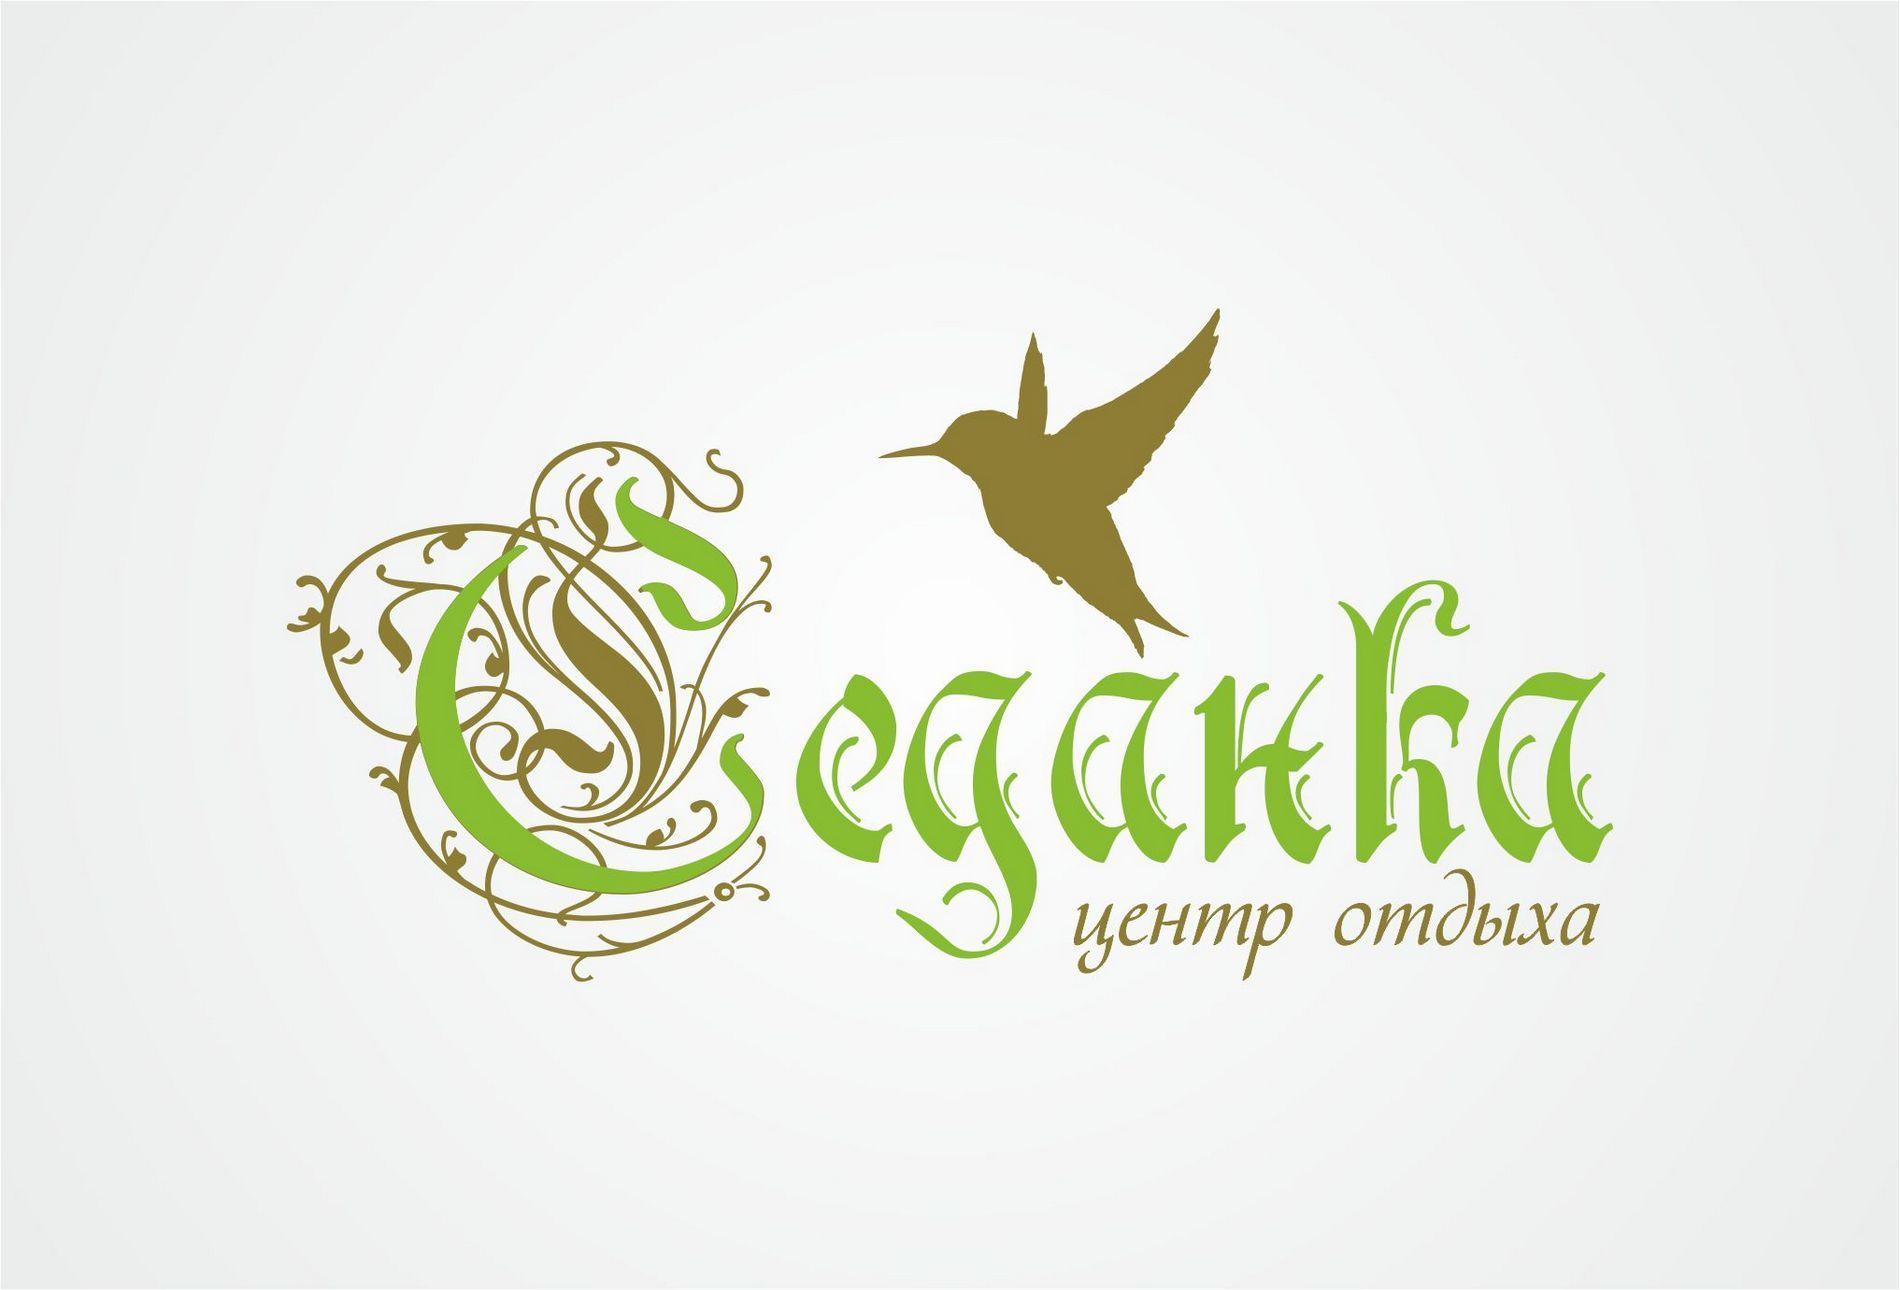 Логотип для центра отдыха - дизайнер NUTAVEL